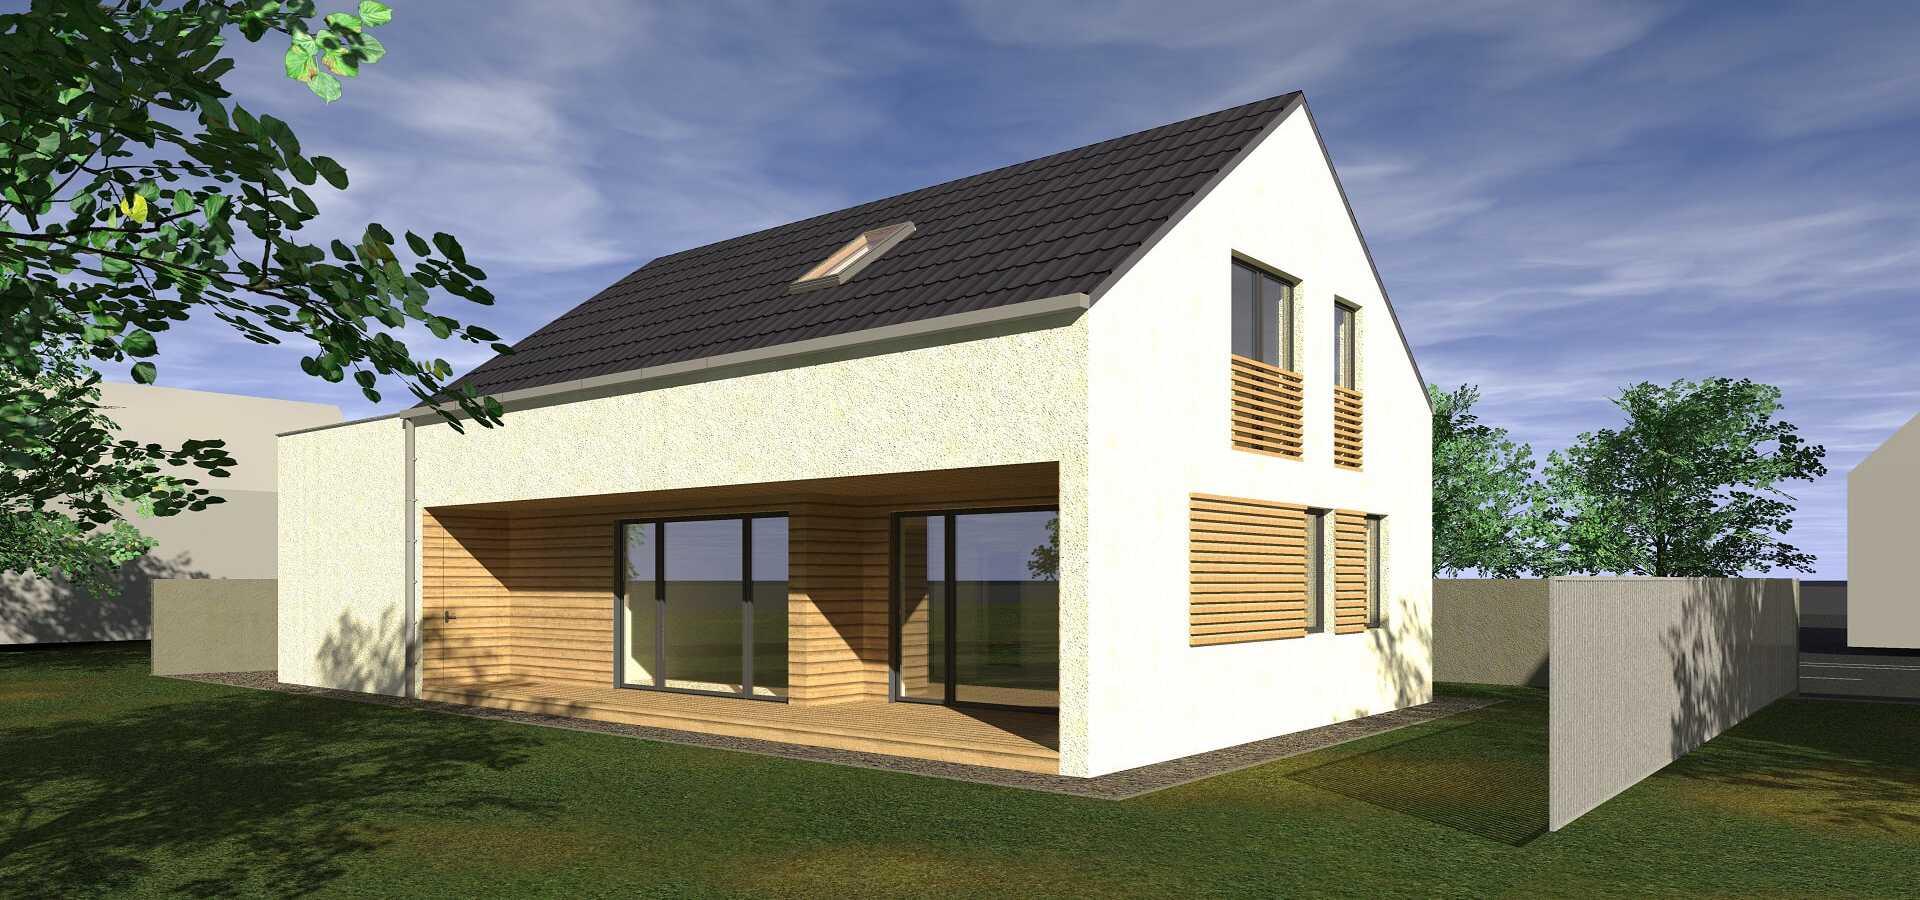 Projekt moderního venkovského rodinného domu